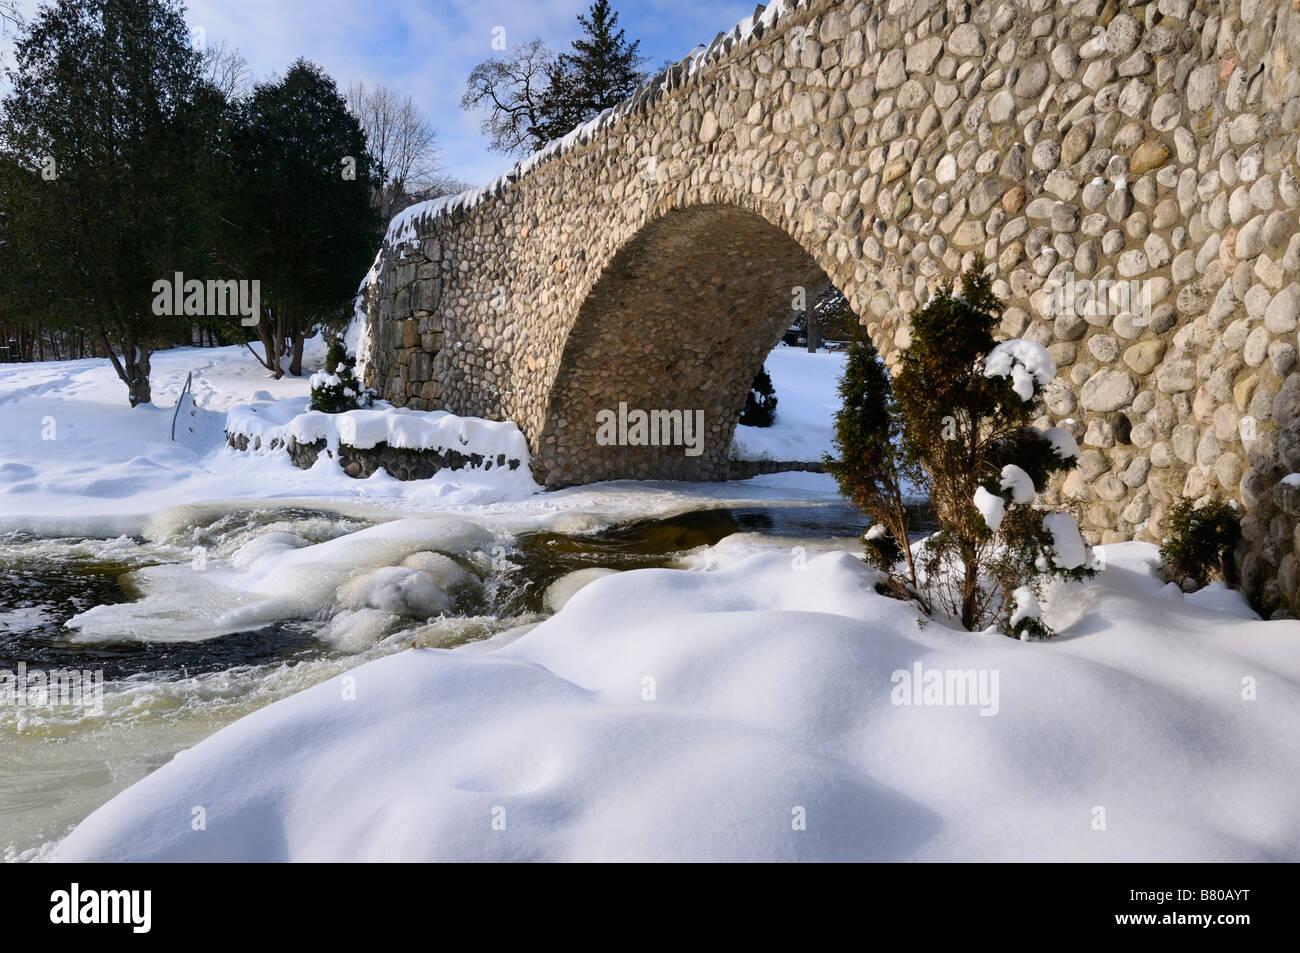 Spencer Creek sous un pont de pierre, à Webster Falls Conservation Park en hiver Photo Stock